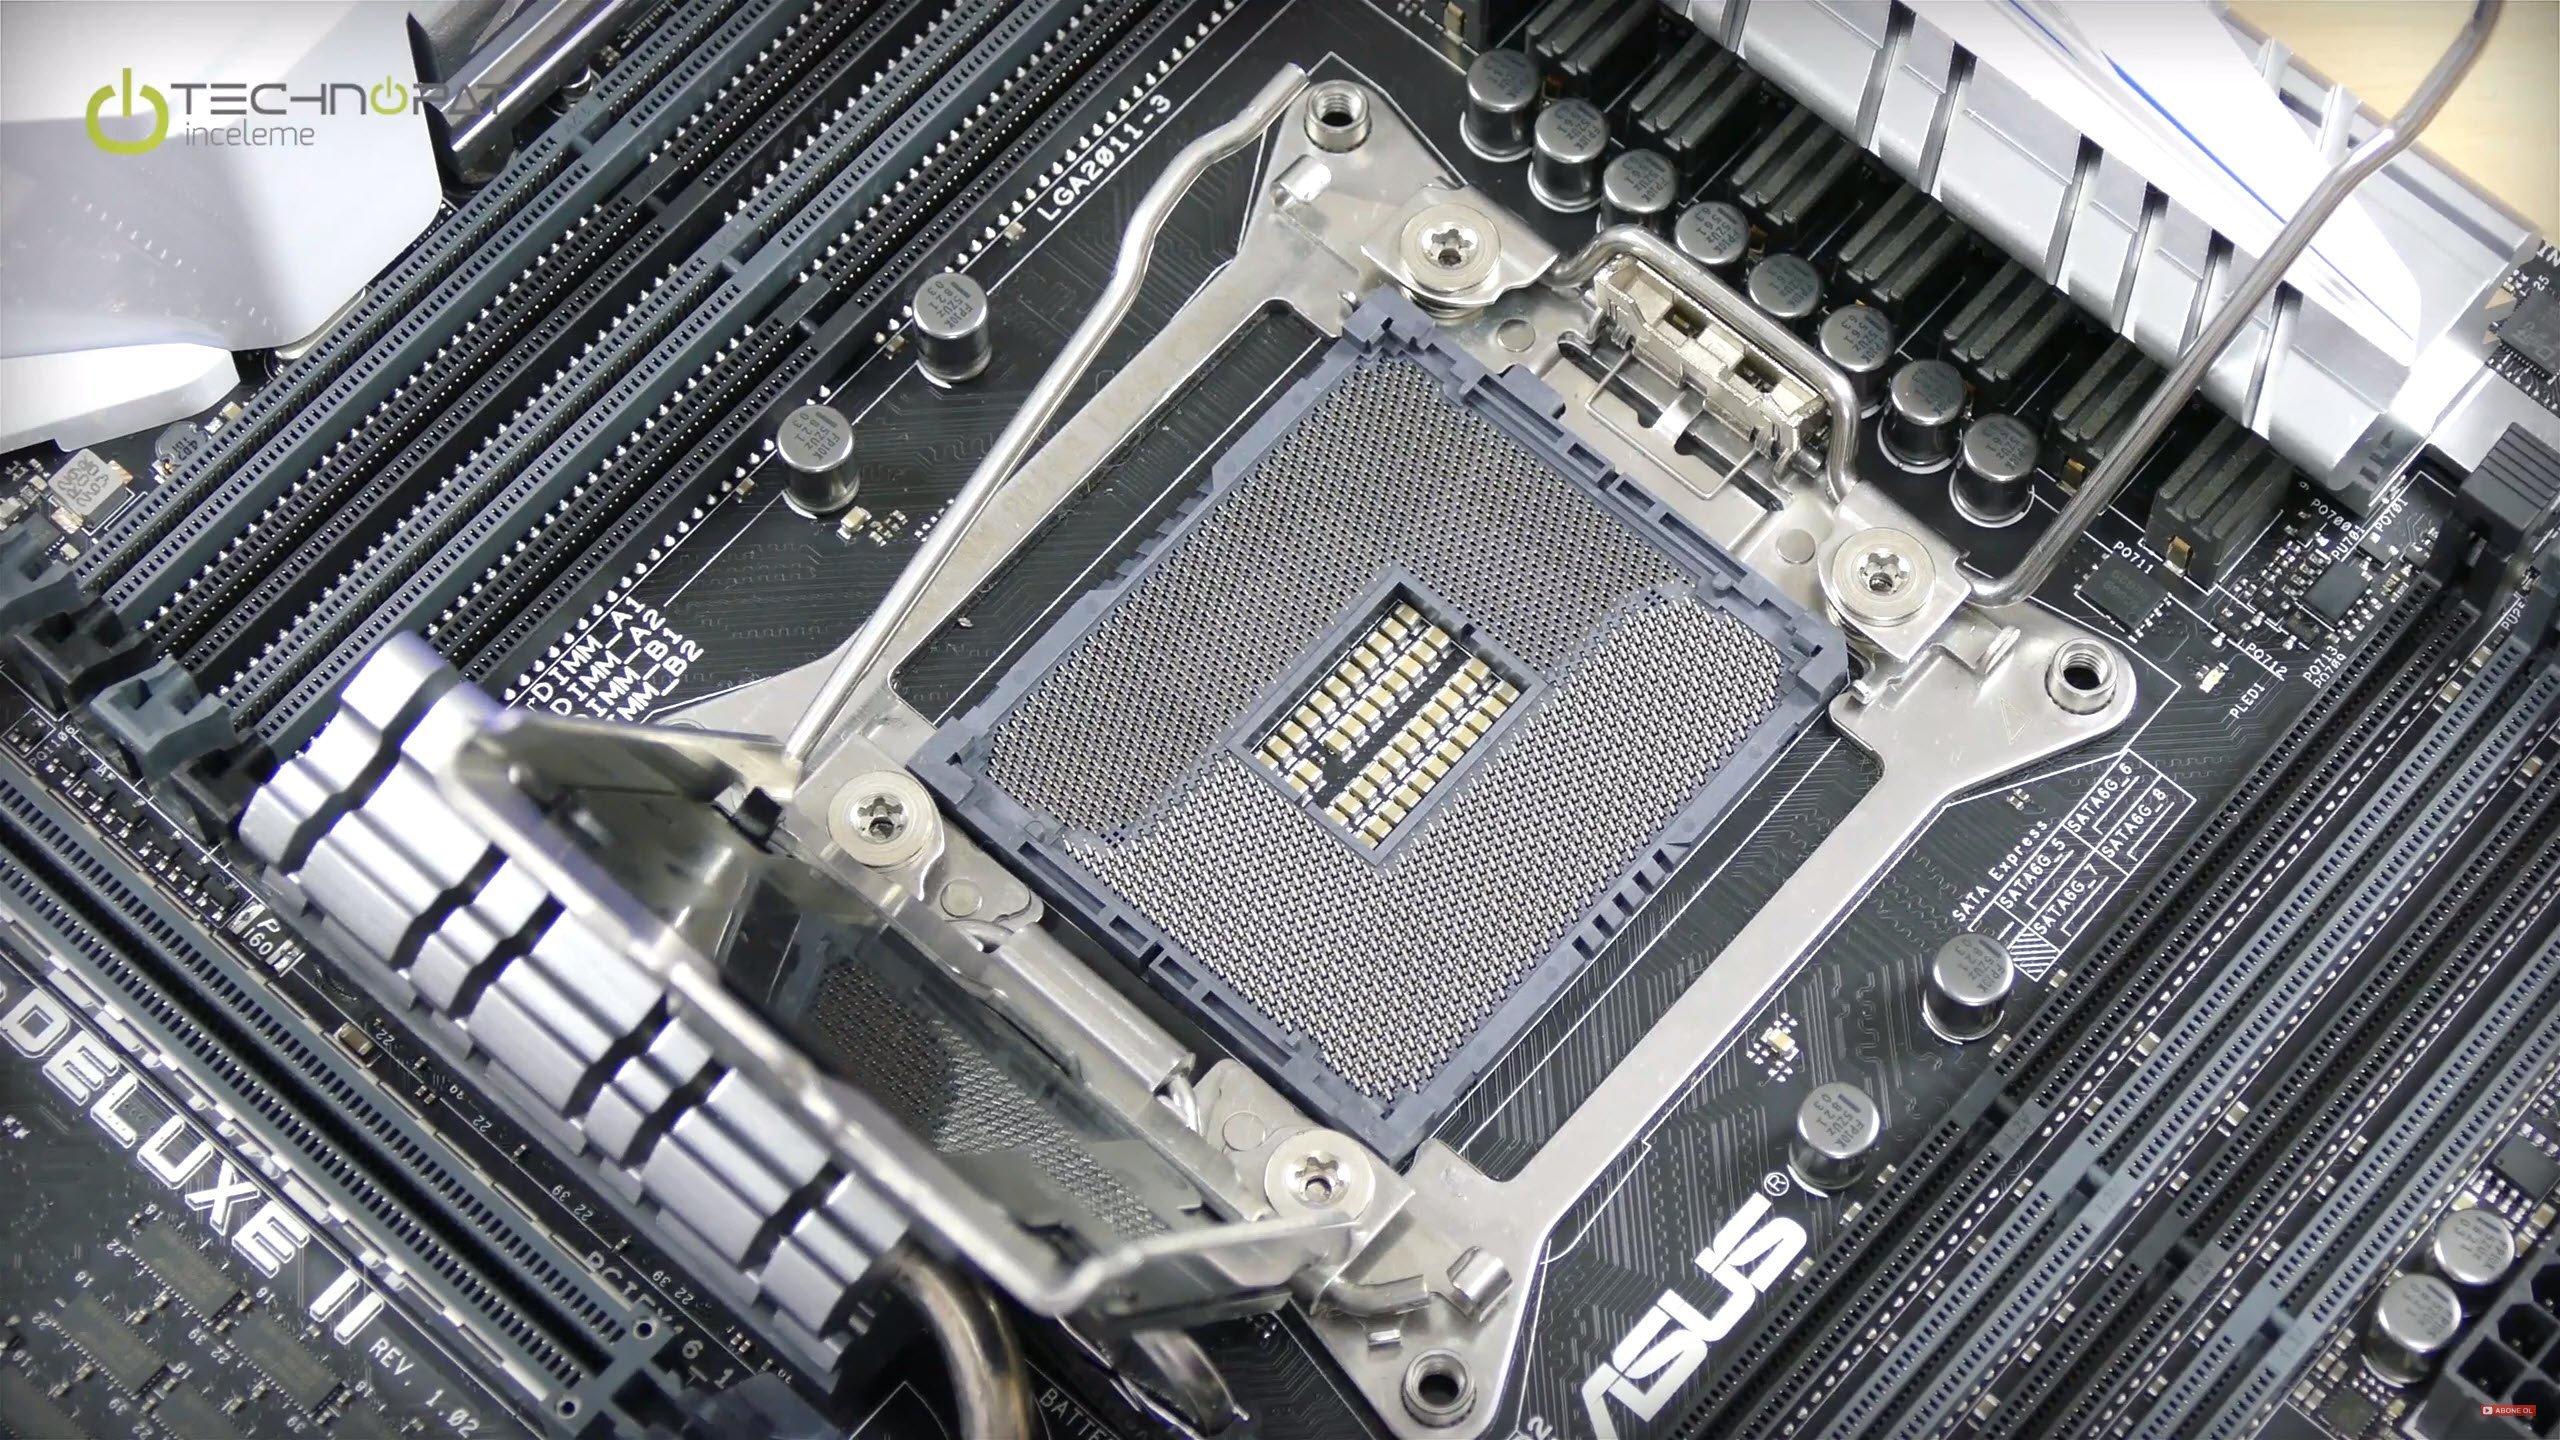 ASUS X99 Deluxe 2 anakartında OC Soket kullanıyor. Ek pinler ile daha fazla kontrol sunuyor.